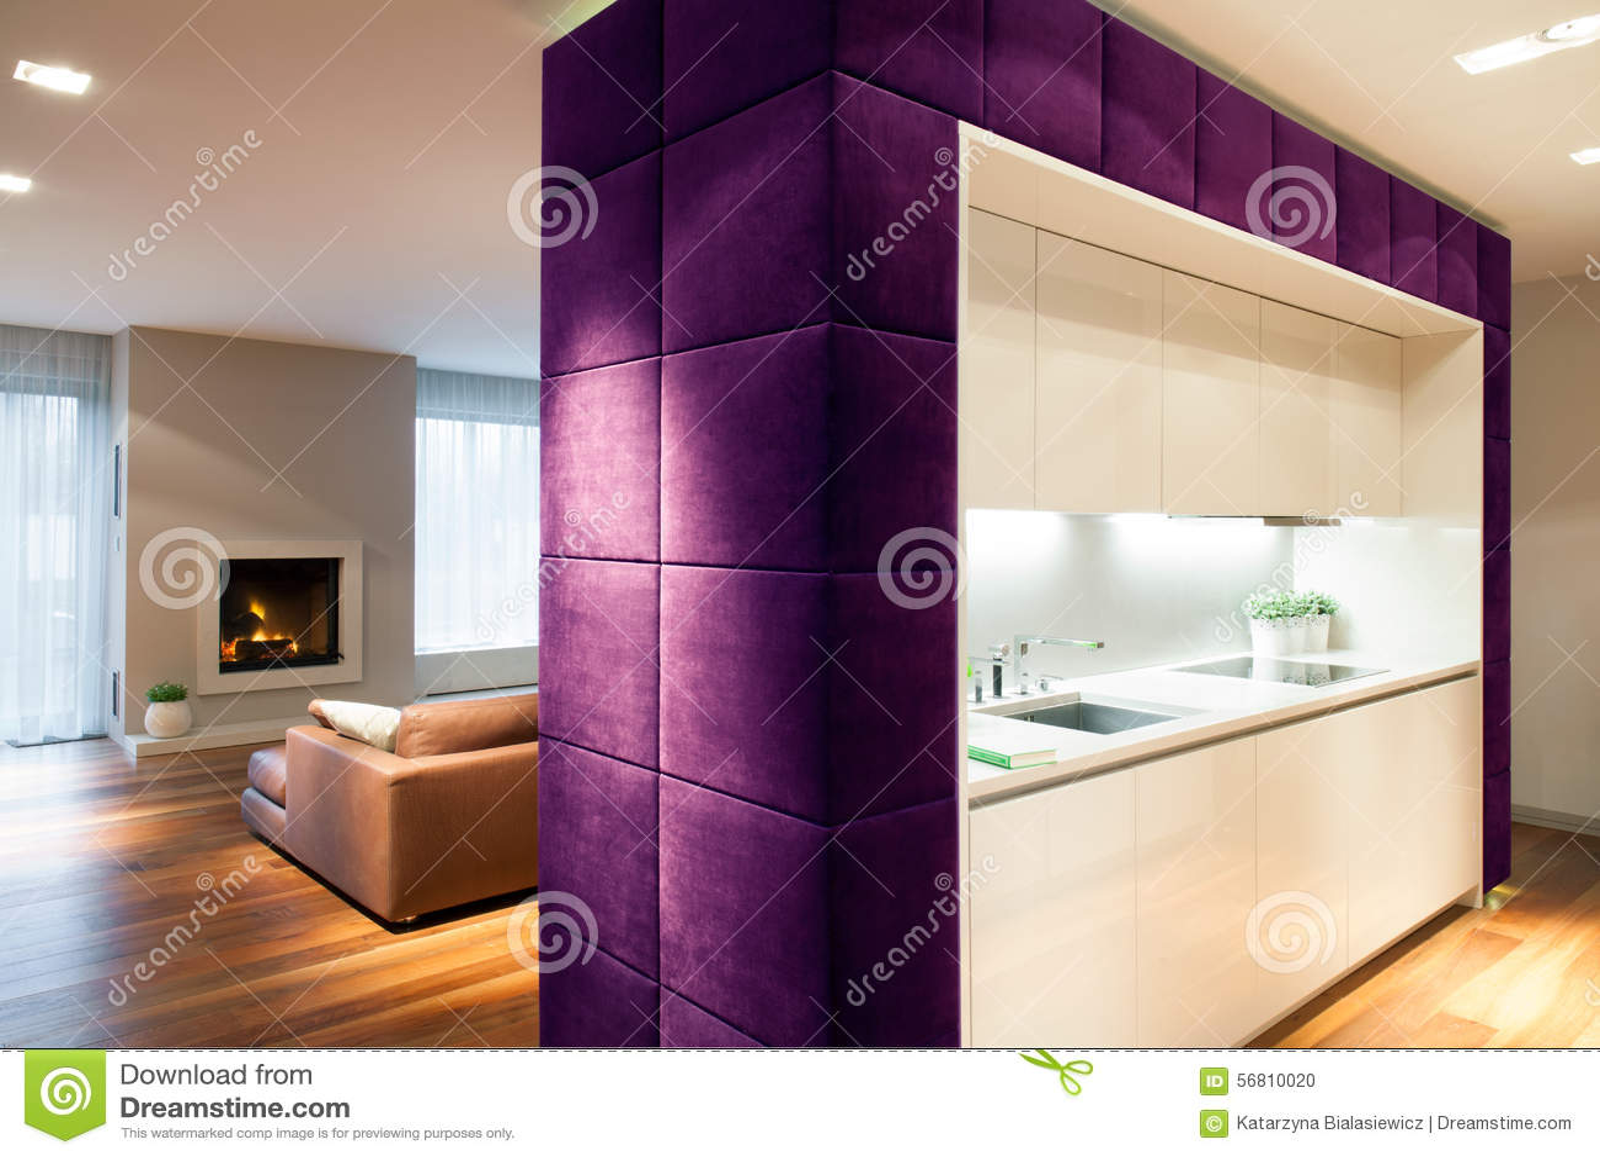 Sala de estar y cocina foto de archivo imagen de gr fico for Sala de estar estancia cocina abierta